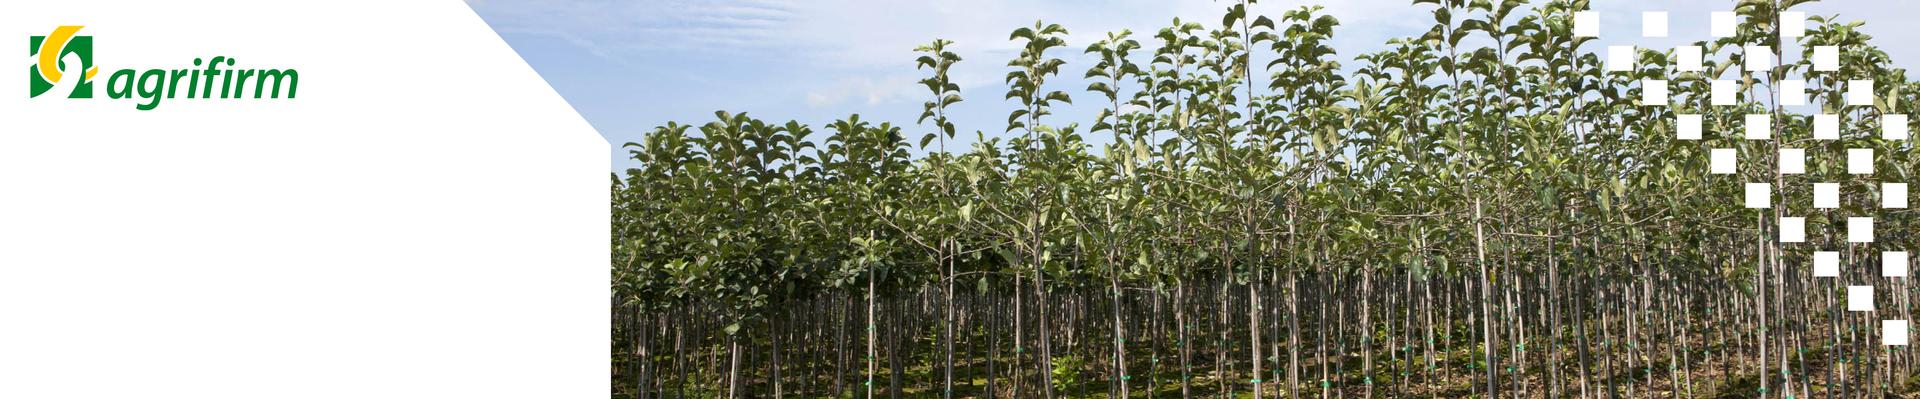 Kennisbijeenkomst Vruchtbomen